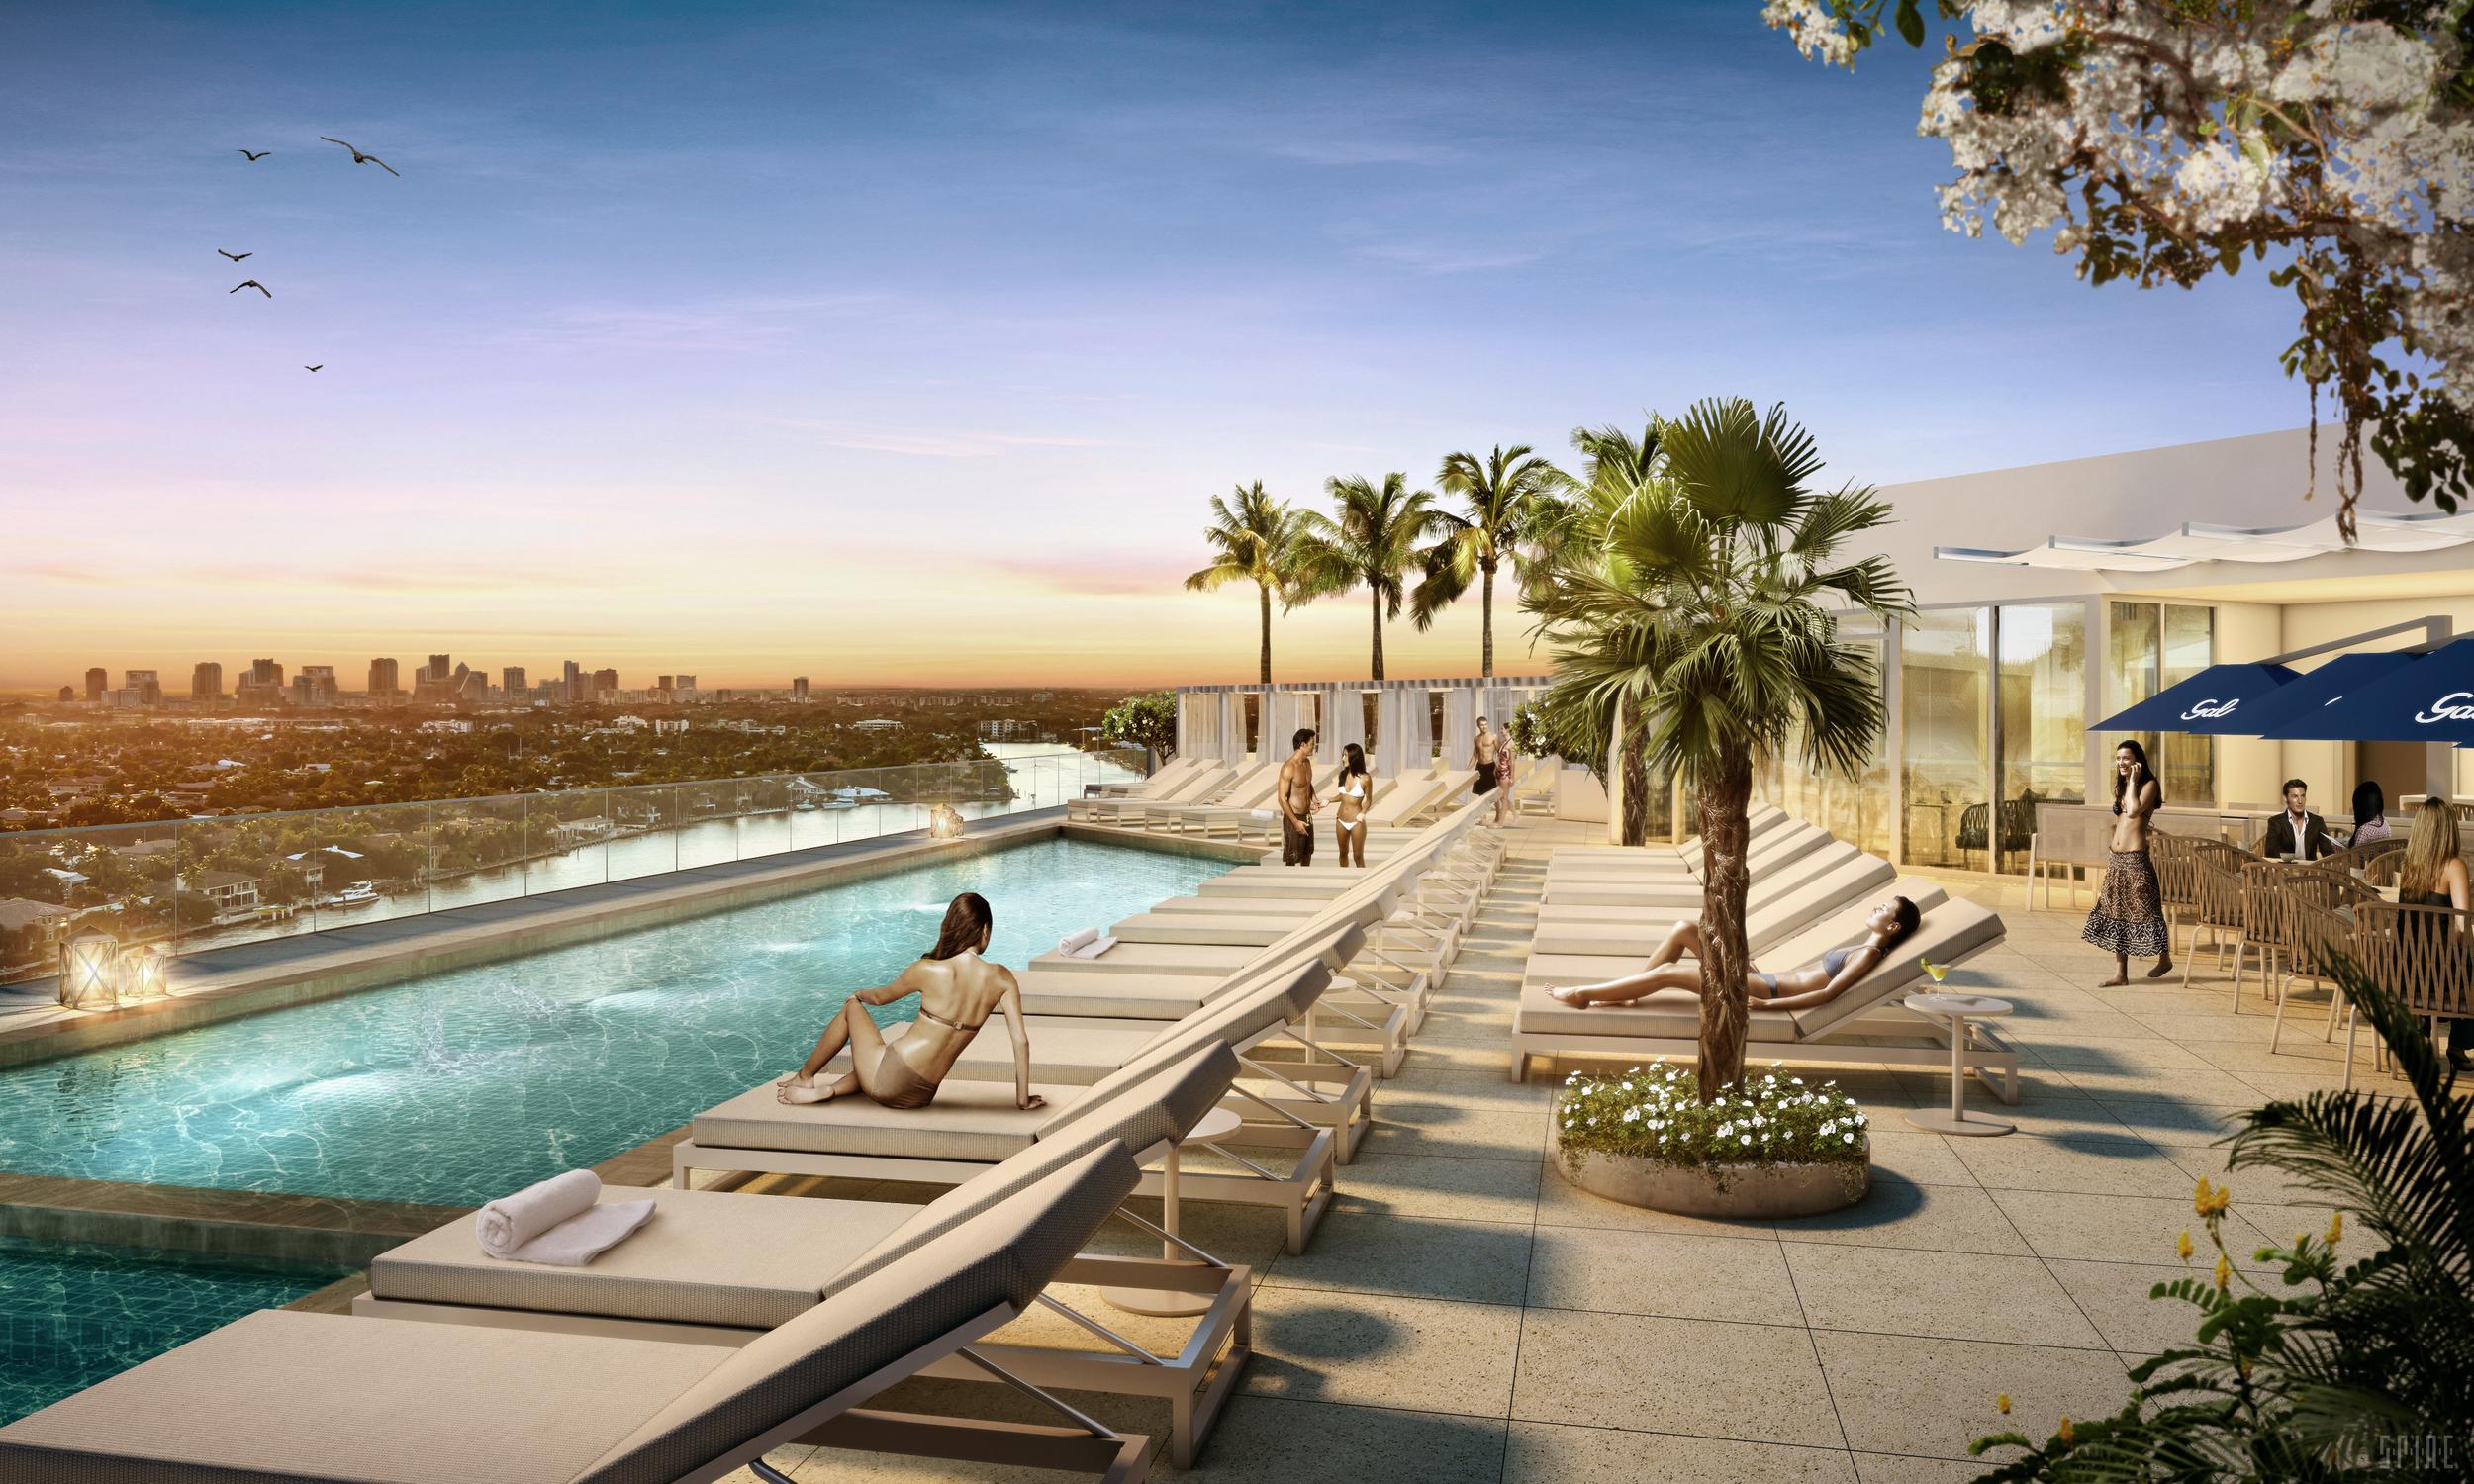 Gale Ft.Lauderdale Rooftop Pool